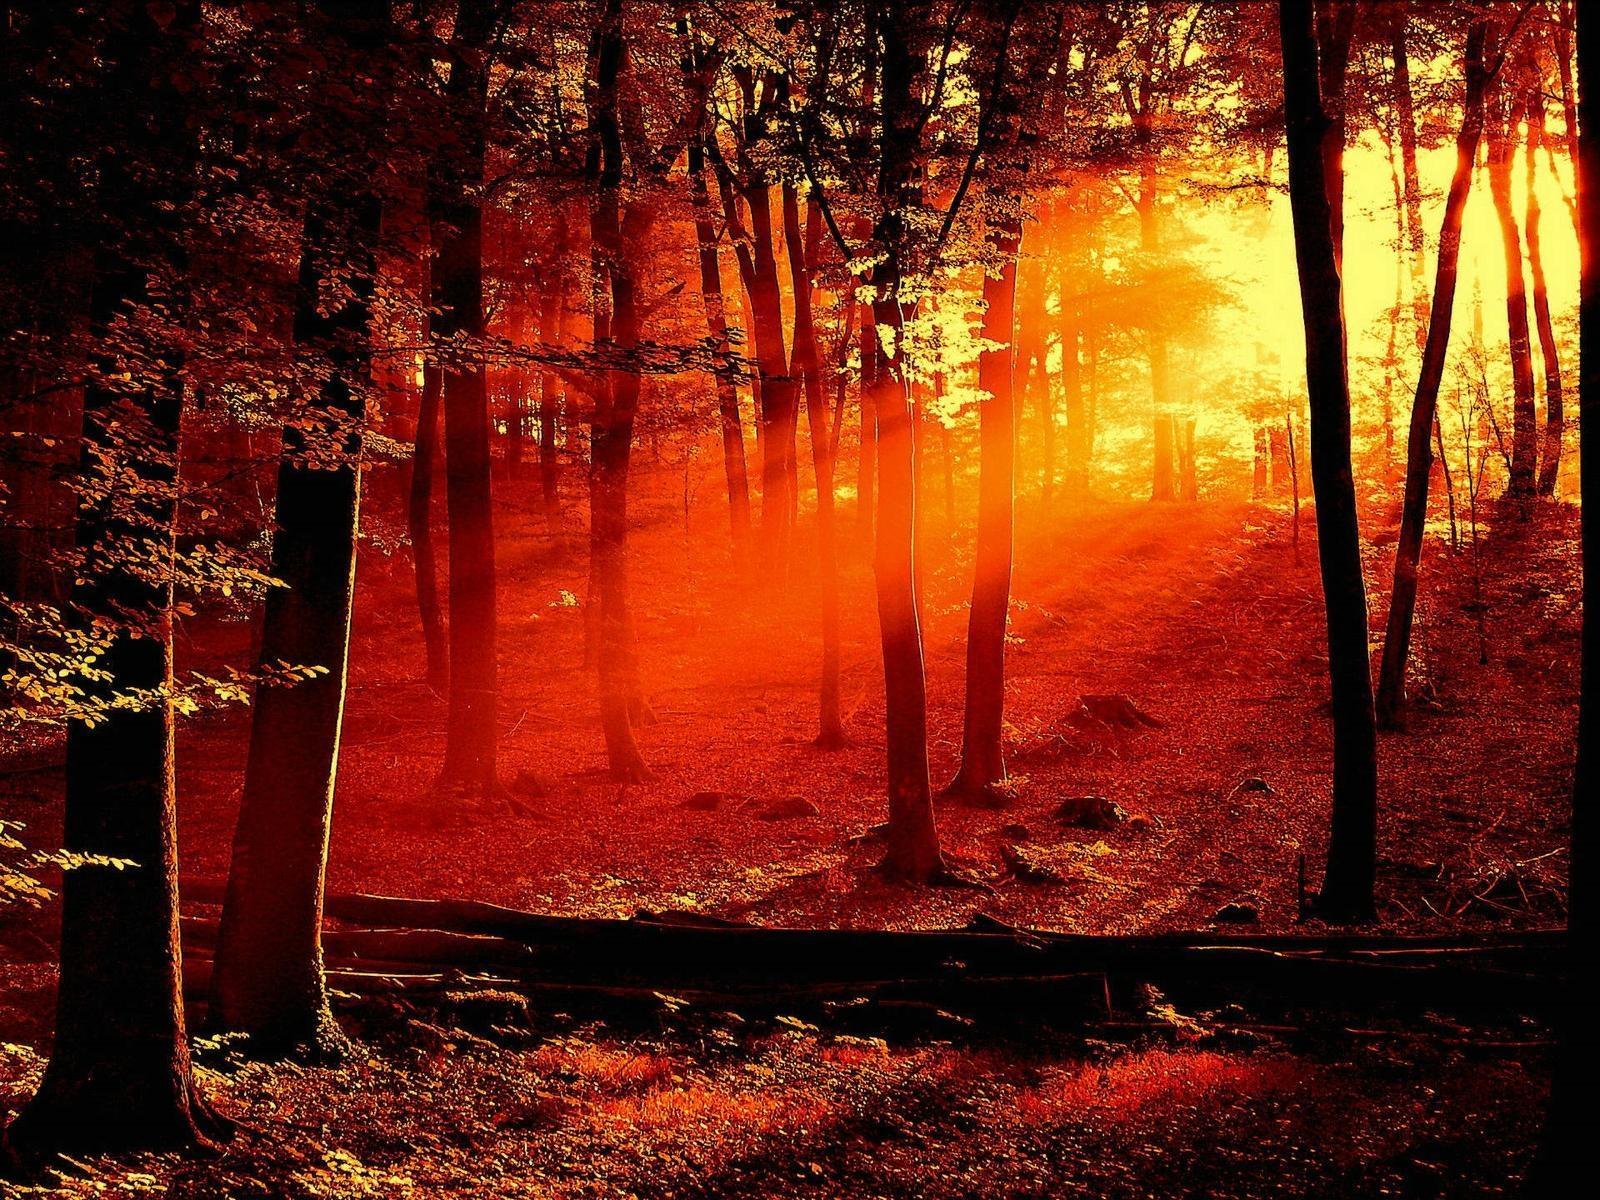 осенний лес, красный свет, деревья, обои для рабочего стола, скачать бесплатно